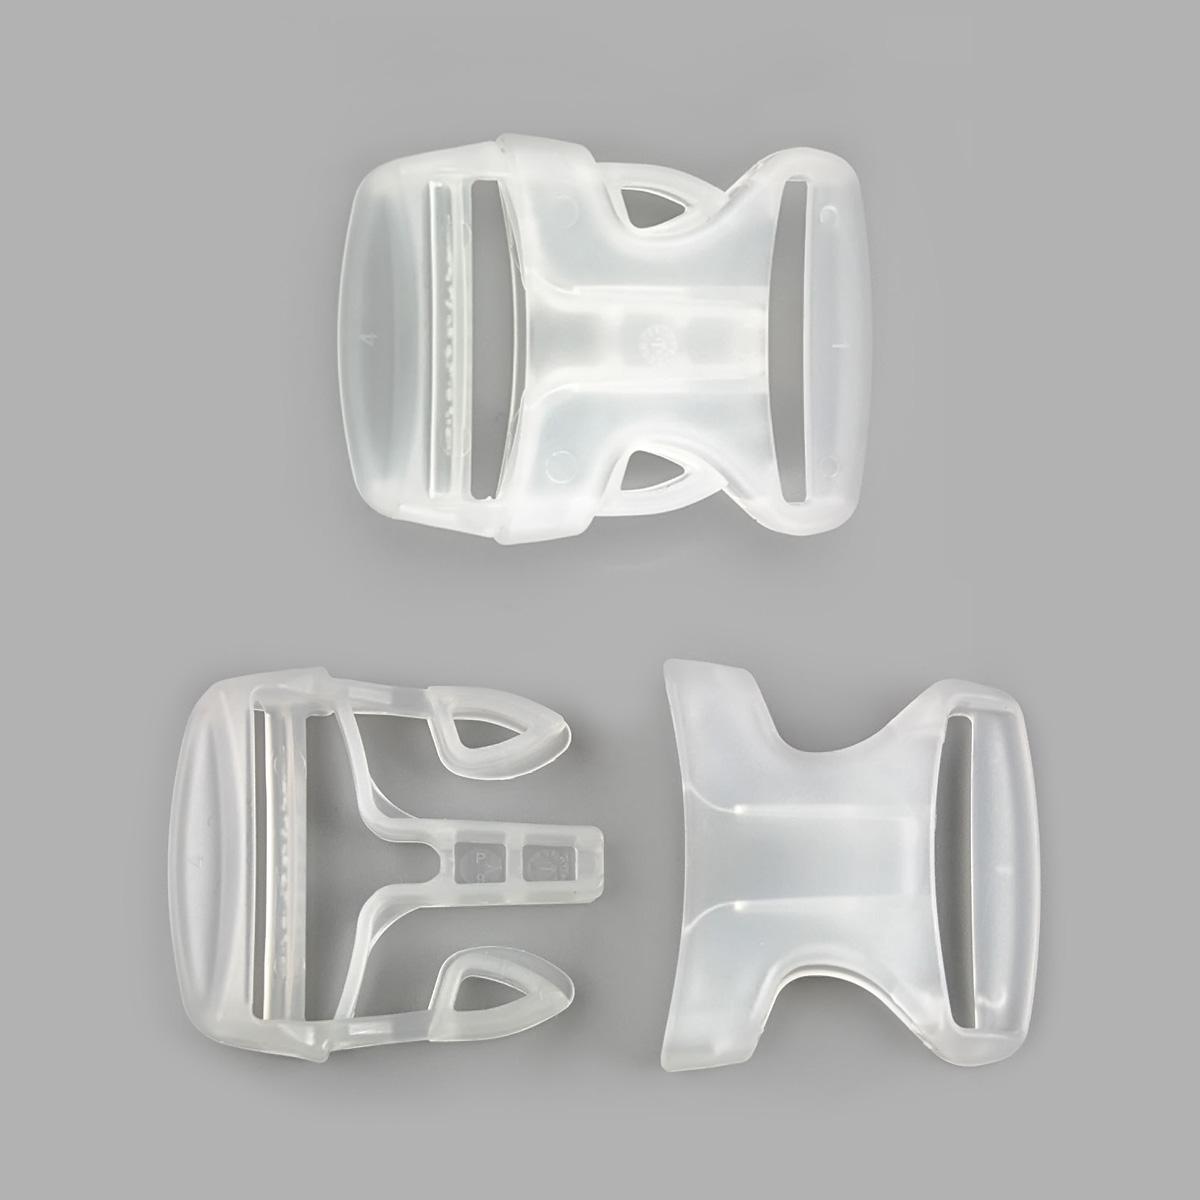 Ф-30/6 Фастекс 30мм, ПП, прозрачный, упак(1шт), Hobby&Pro